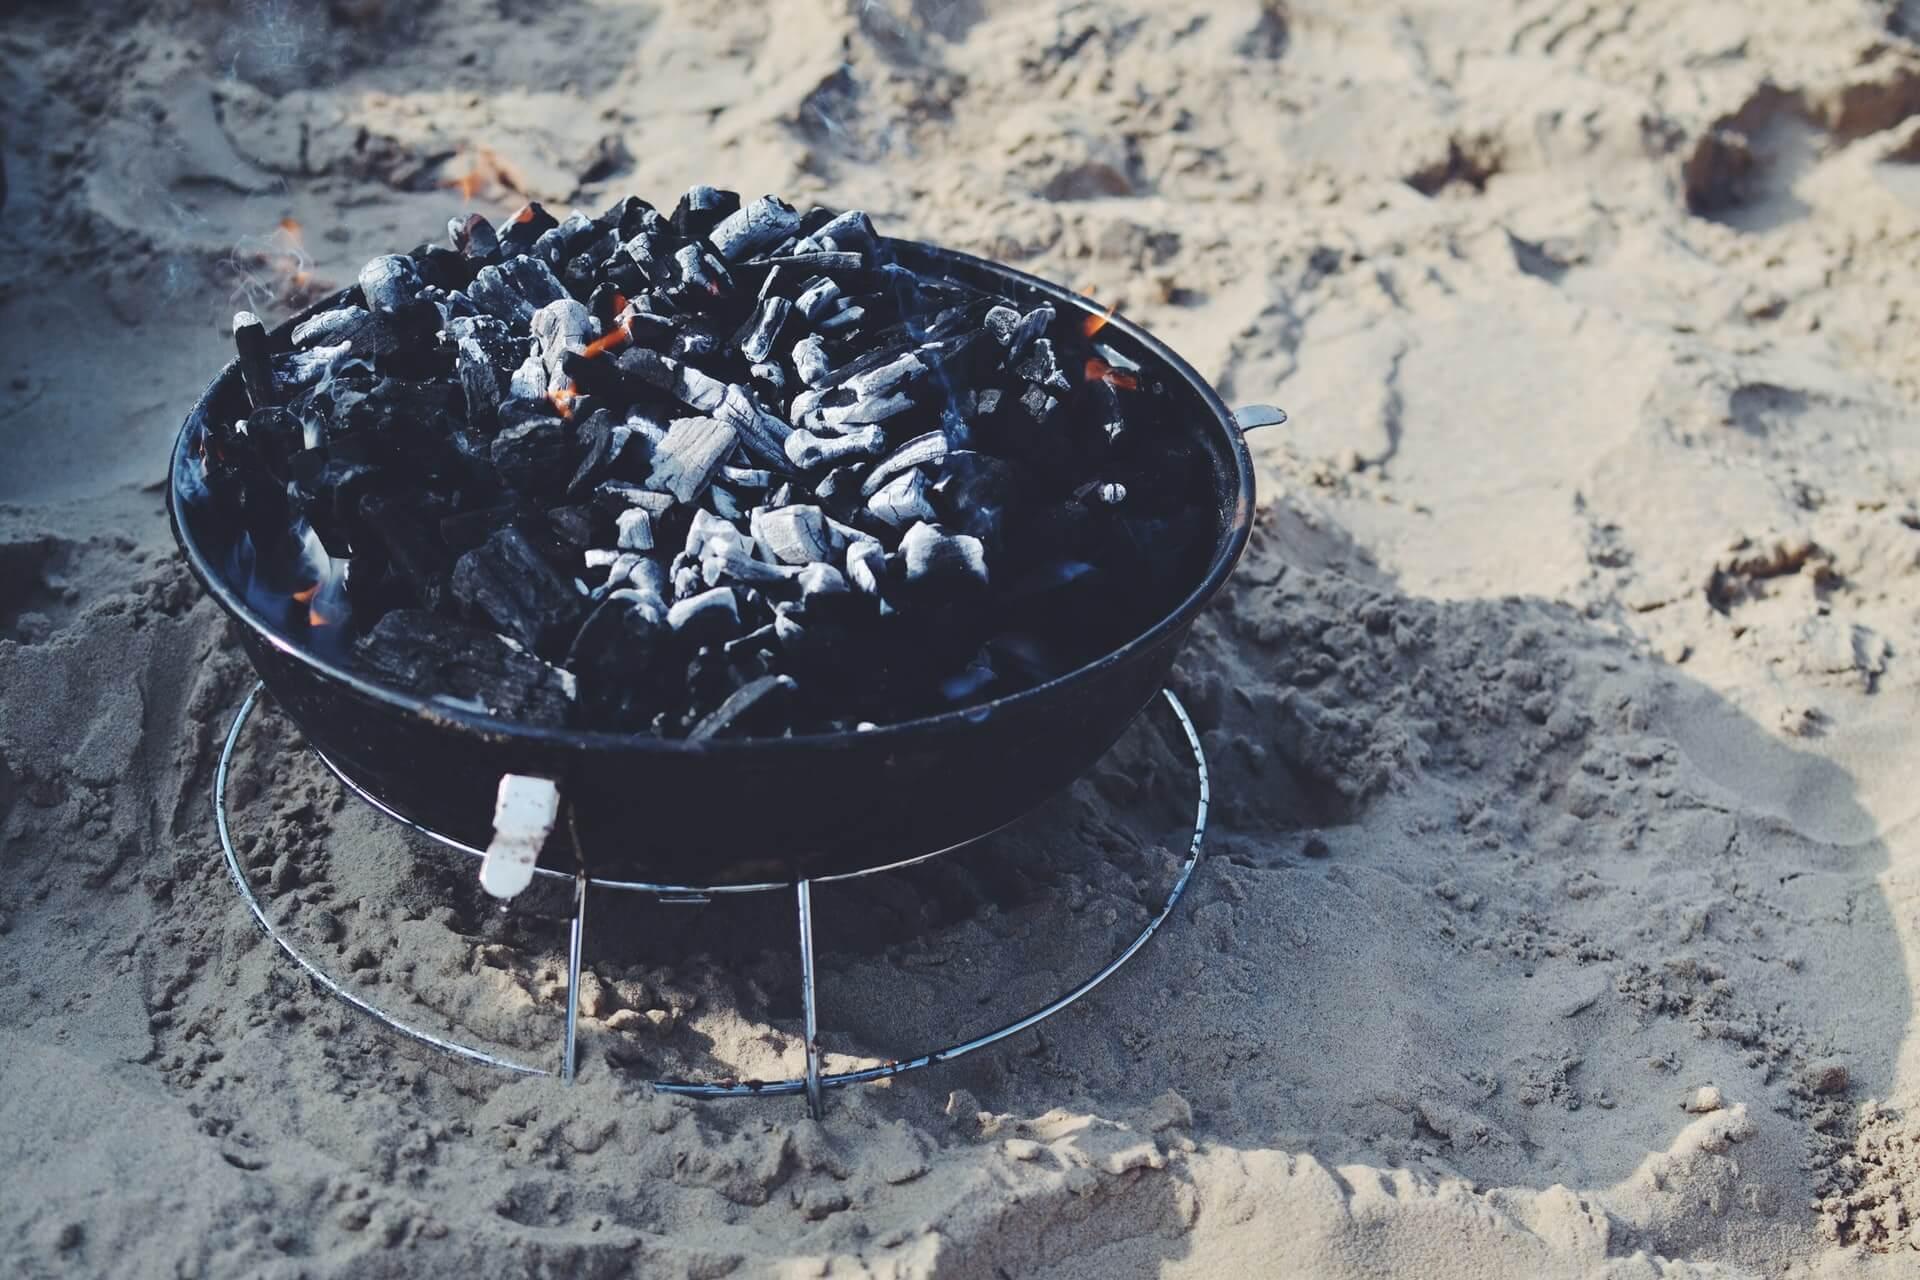 cobb grill test